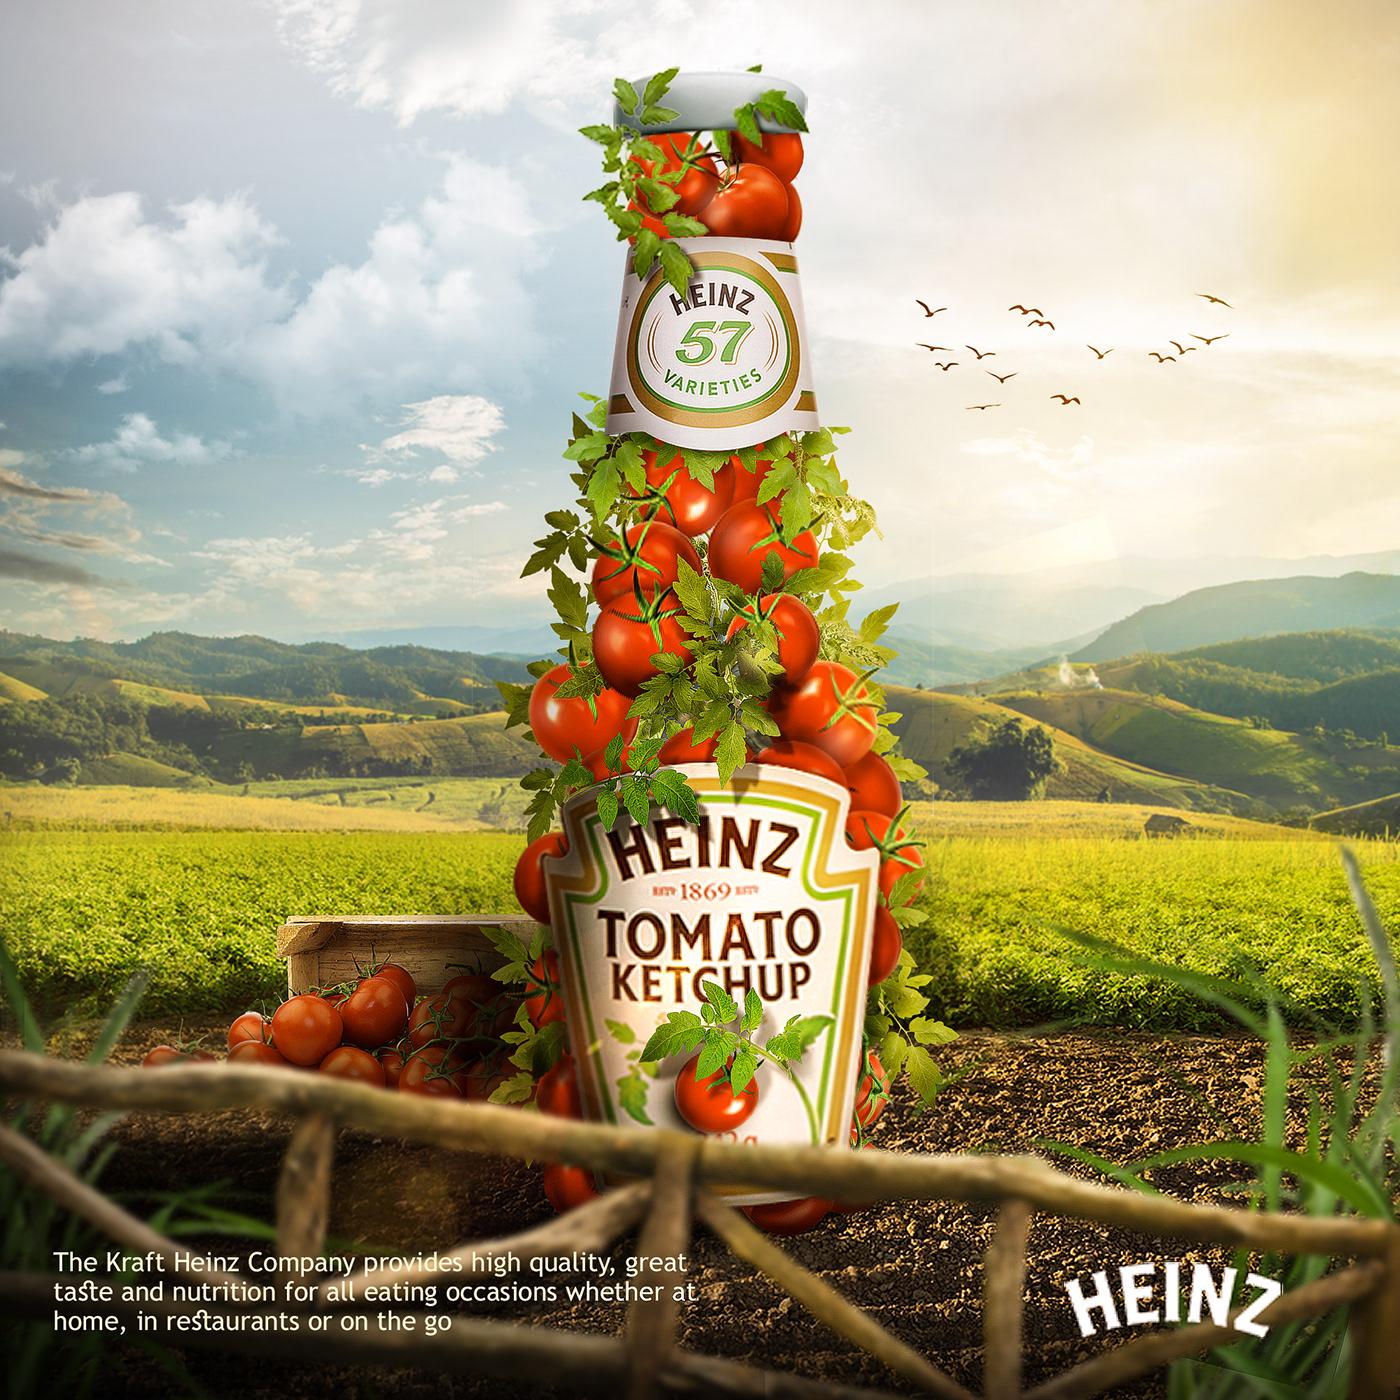 design lemon social media ads manipulation Socialmedia sololemon drink sea